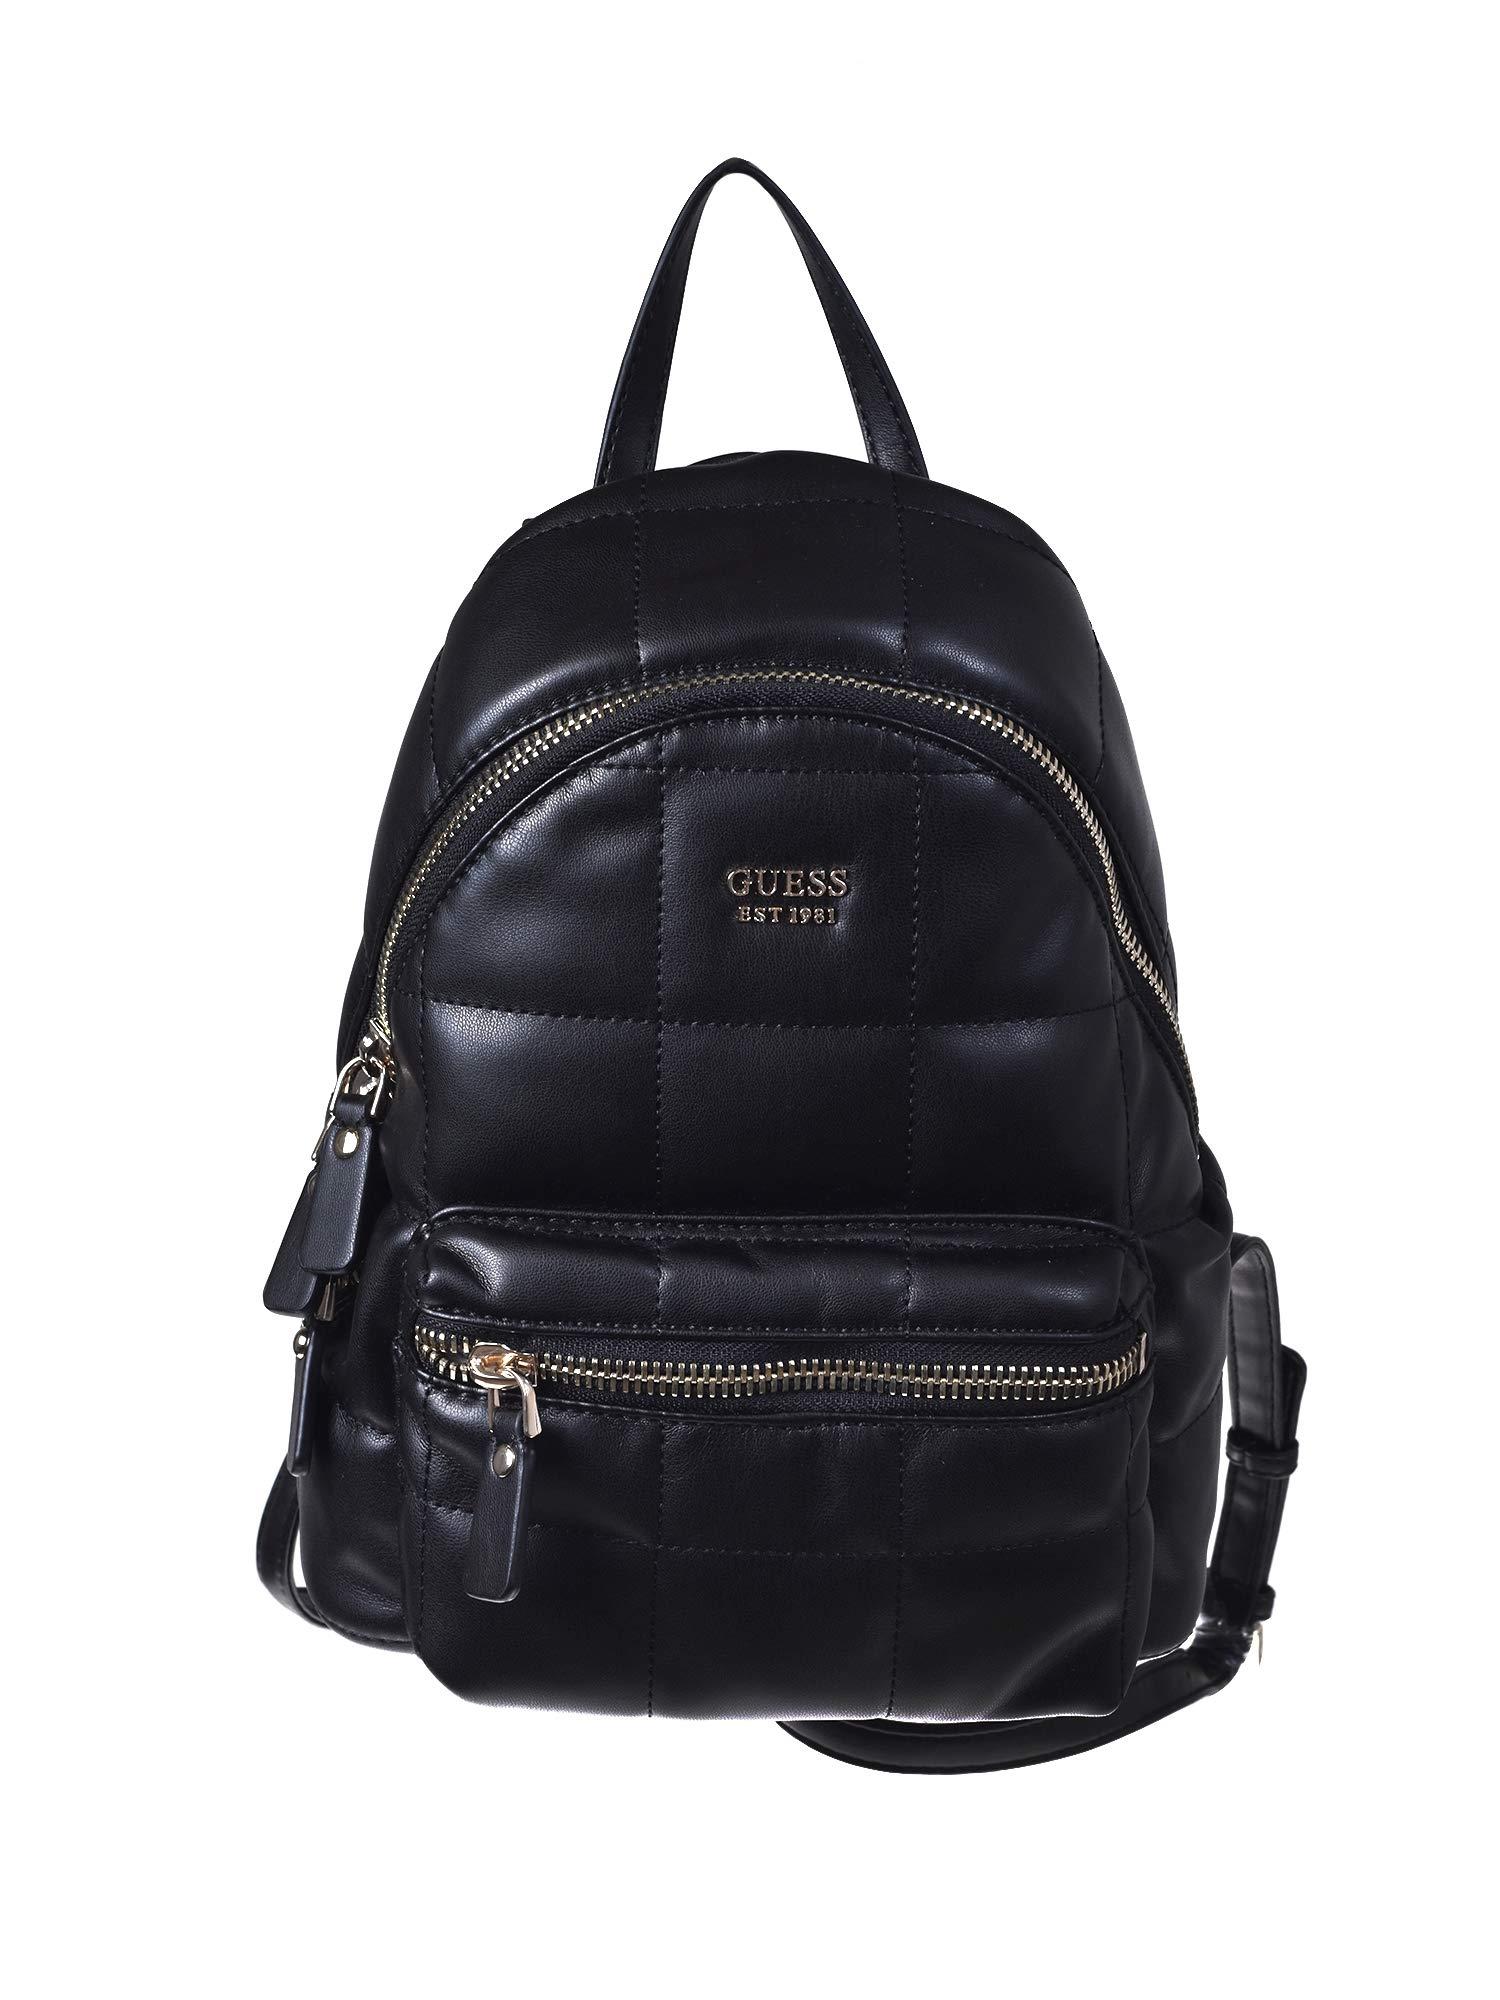 71gE3n8gI1L - Guess Urban Sport Sml Leeza Backpack - Mochilas Mujer